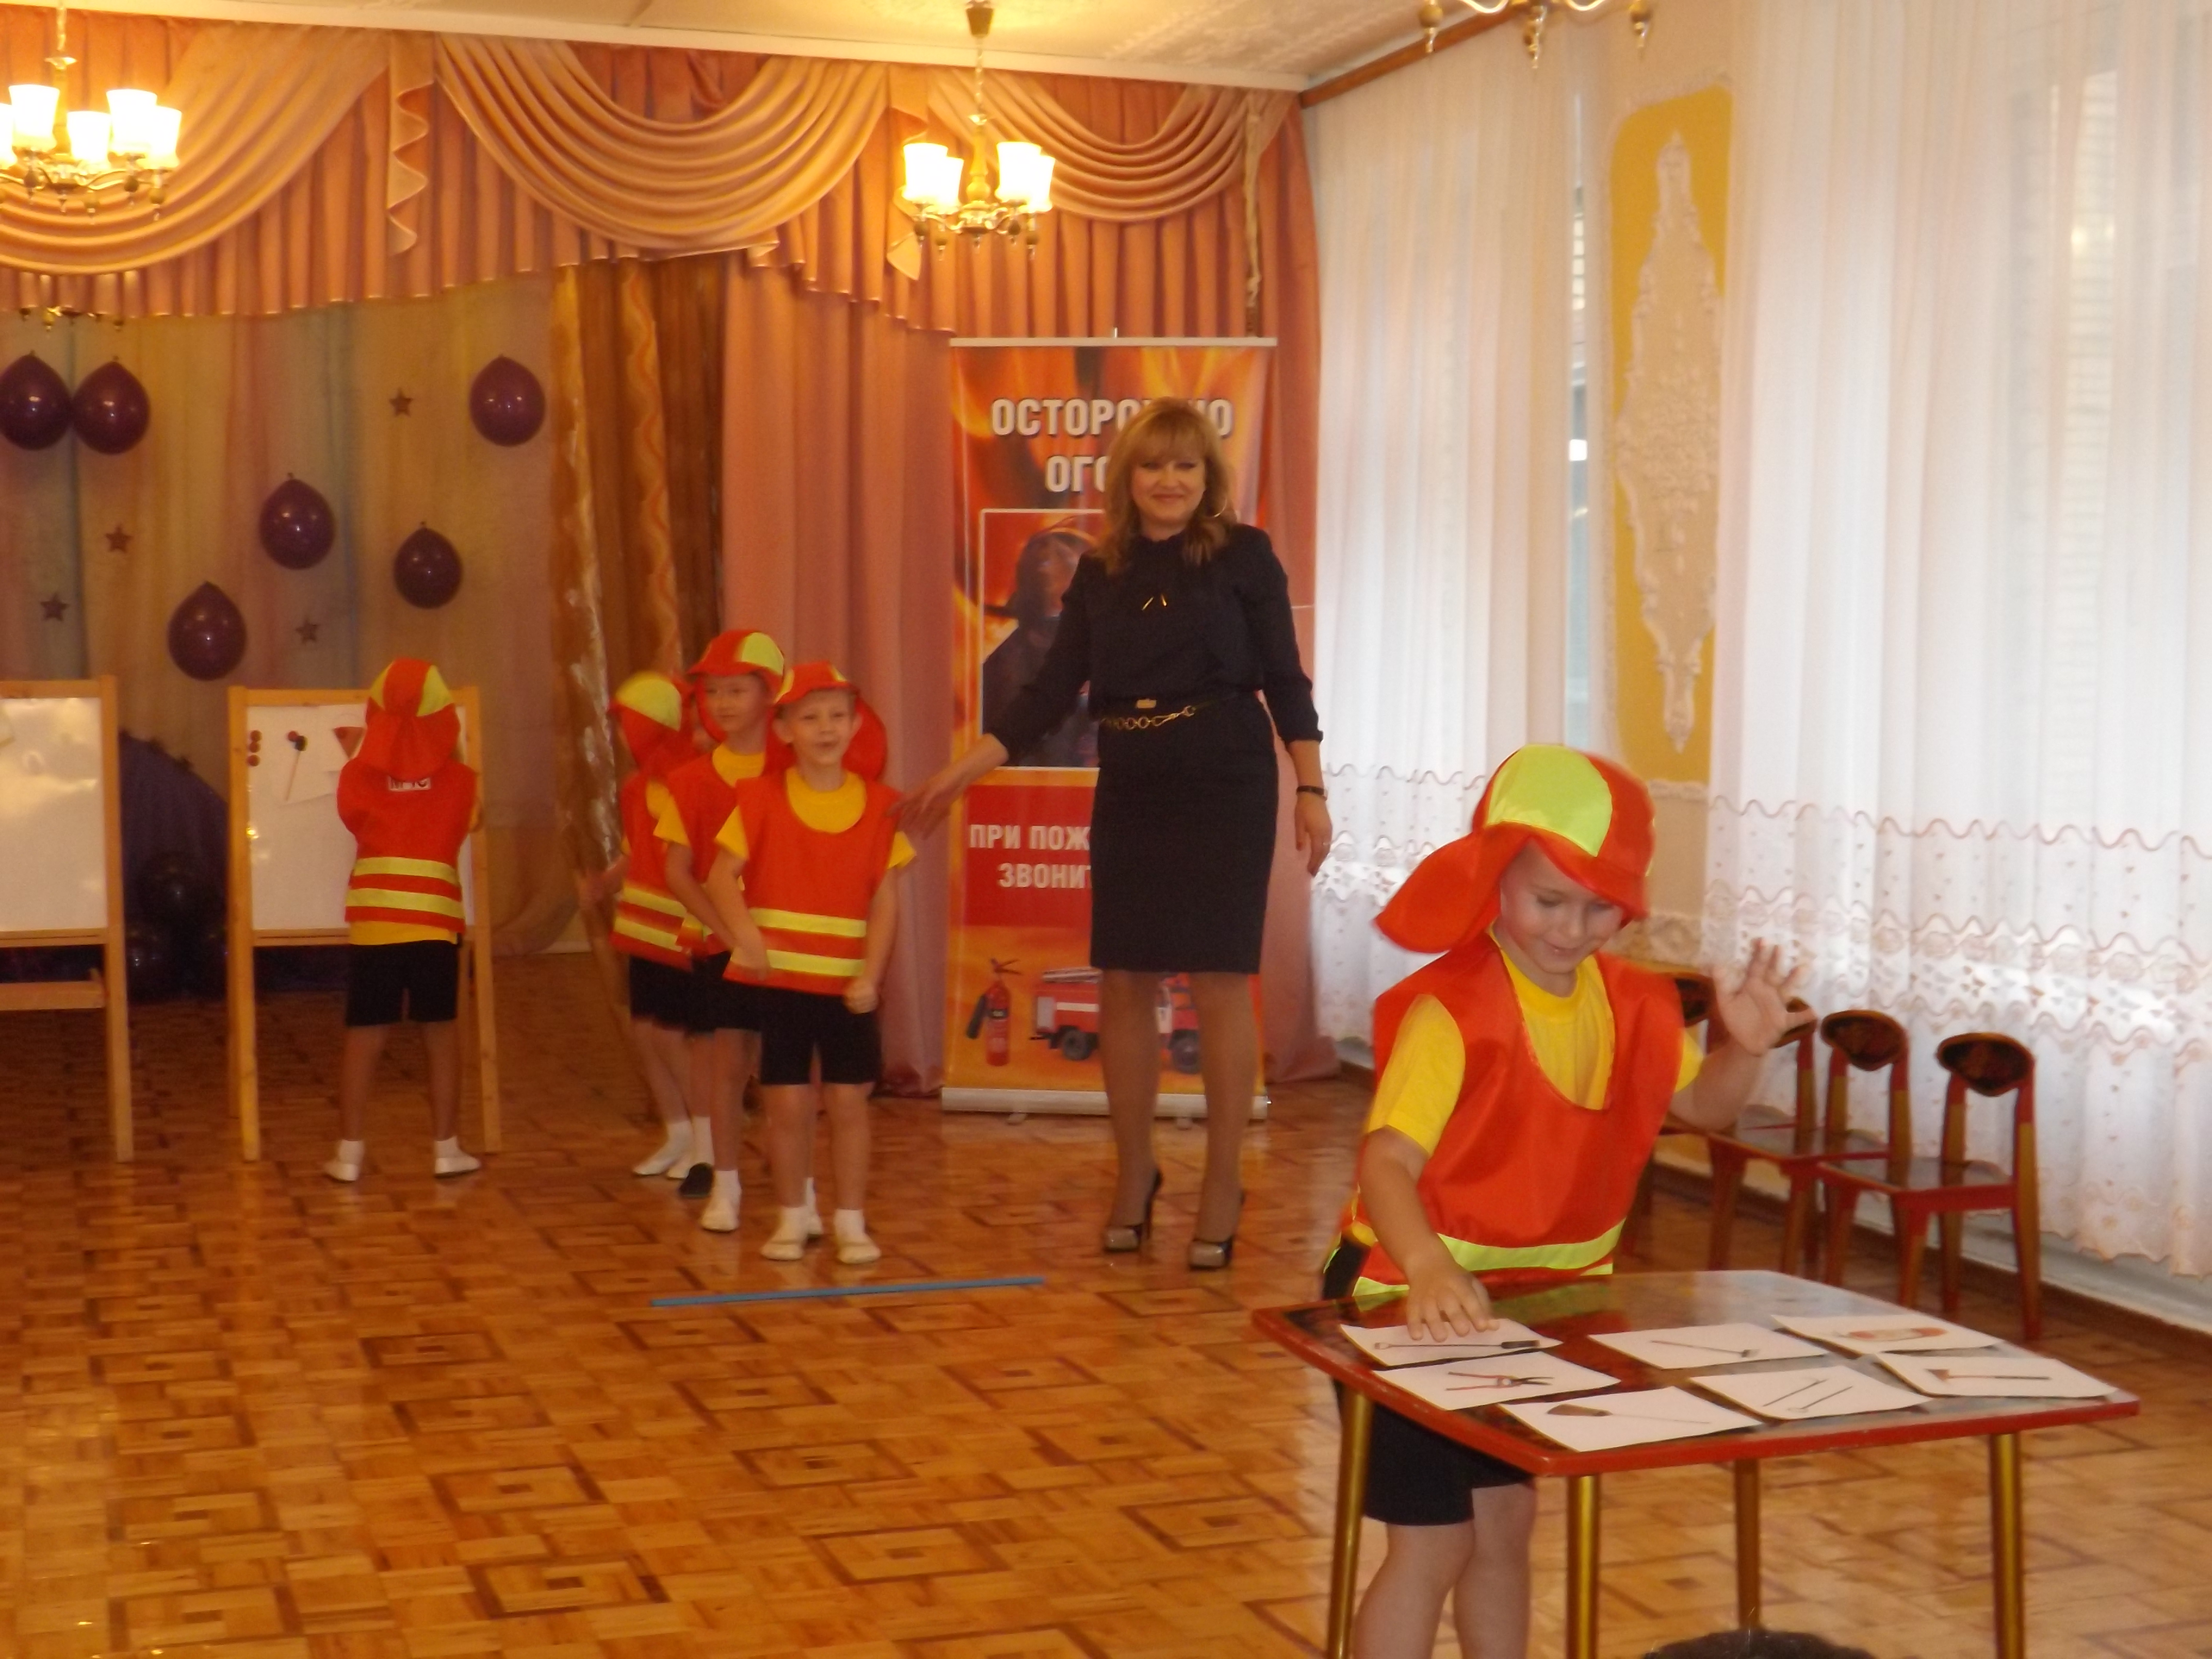 Сотрудники ГУ МЧС России по Московской области провели урок безопасности в детском саду «Золотая рыбка» города Ступино